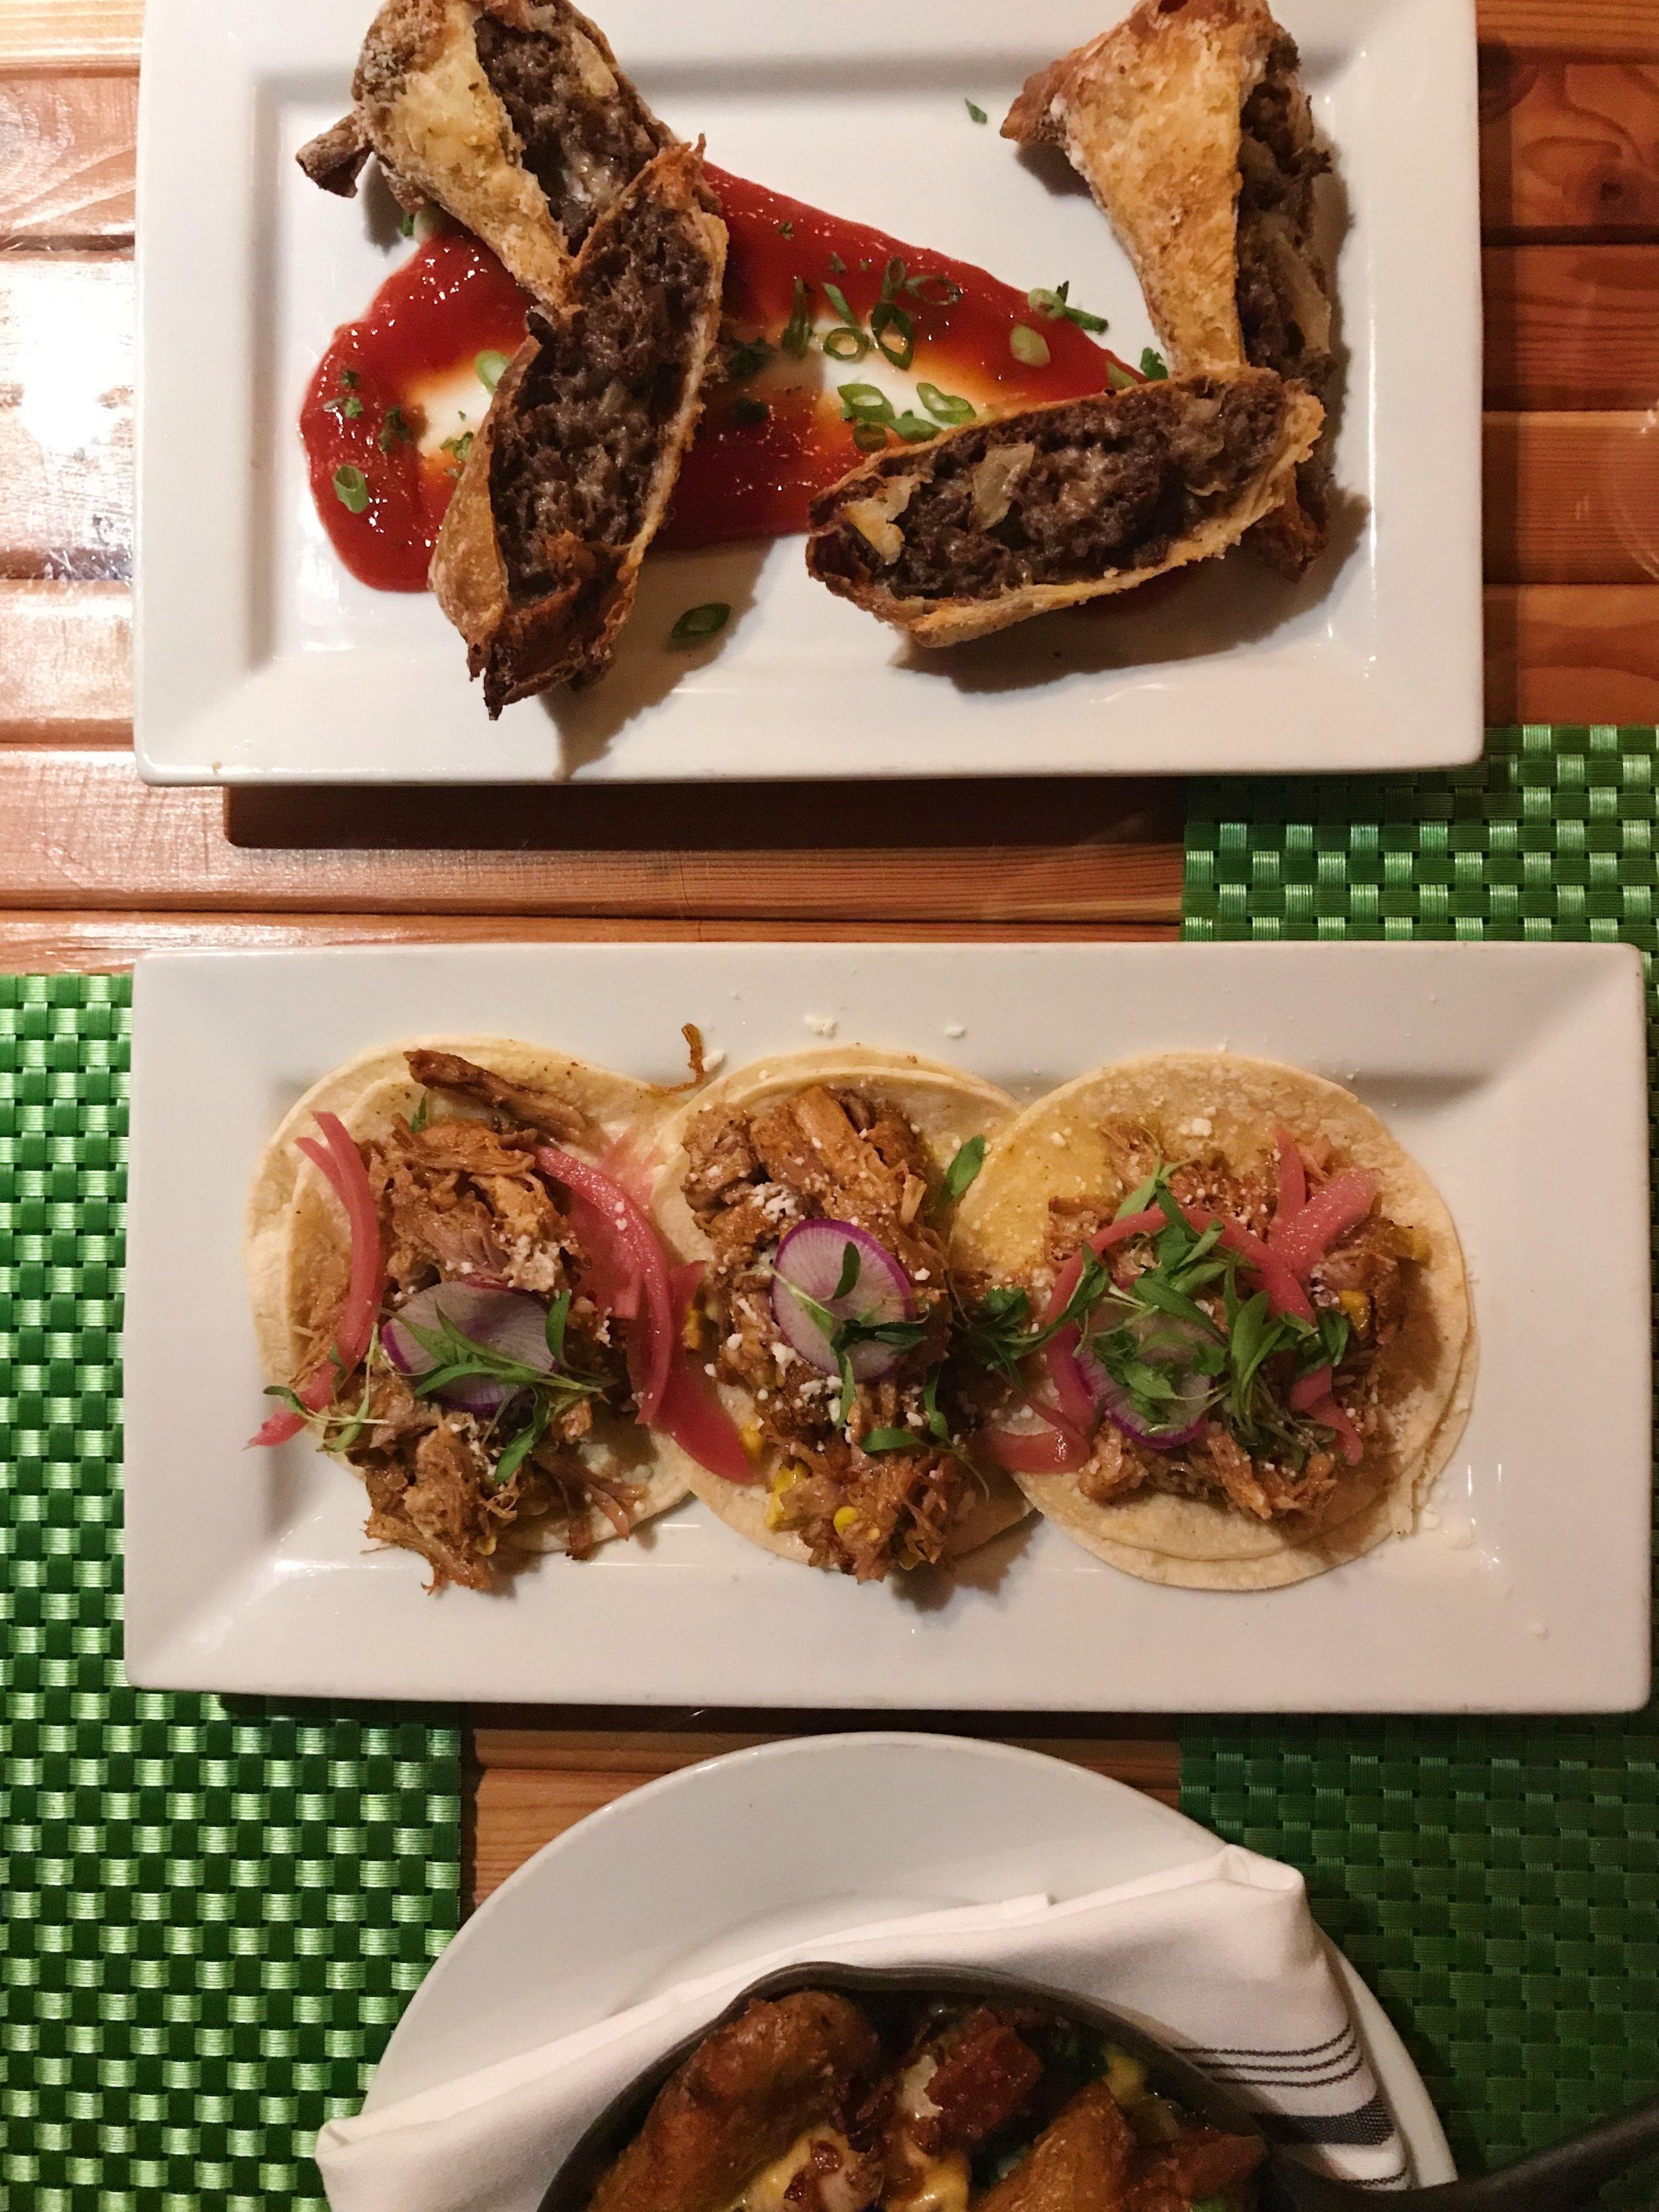 masters-oceanside-restaurant-review.jpg